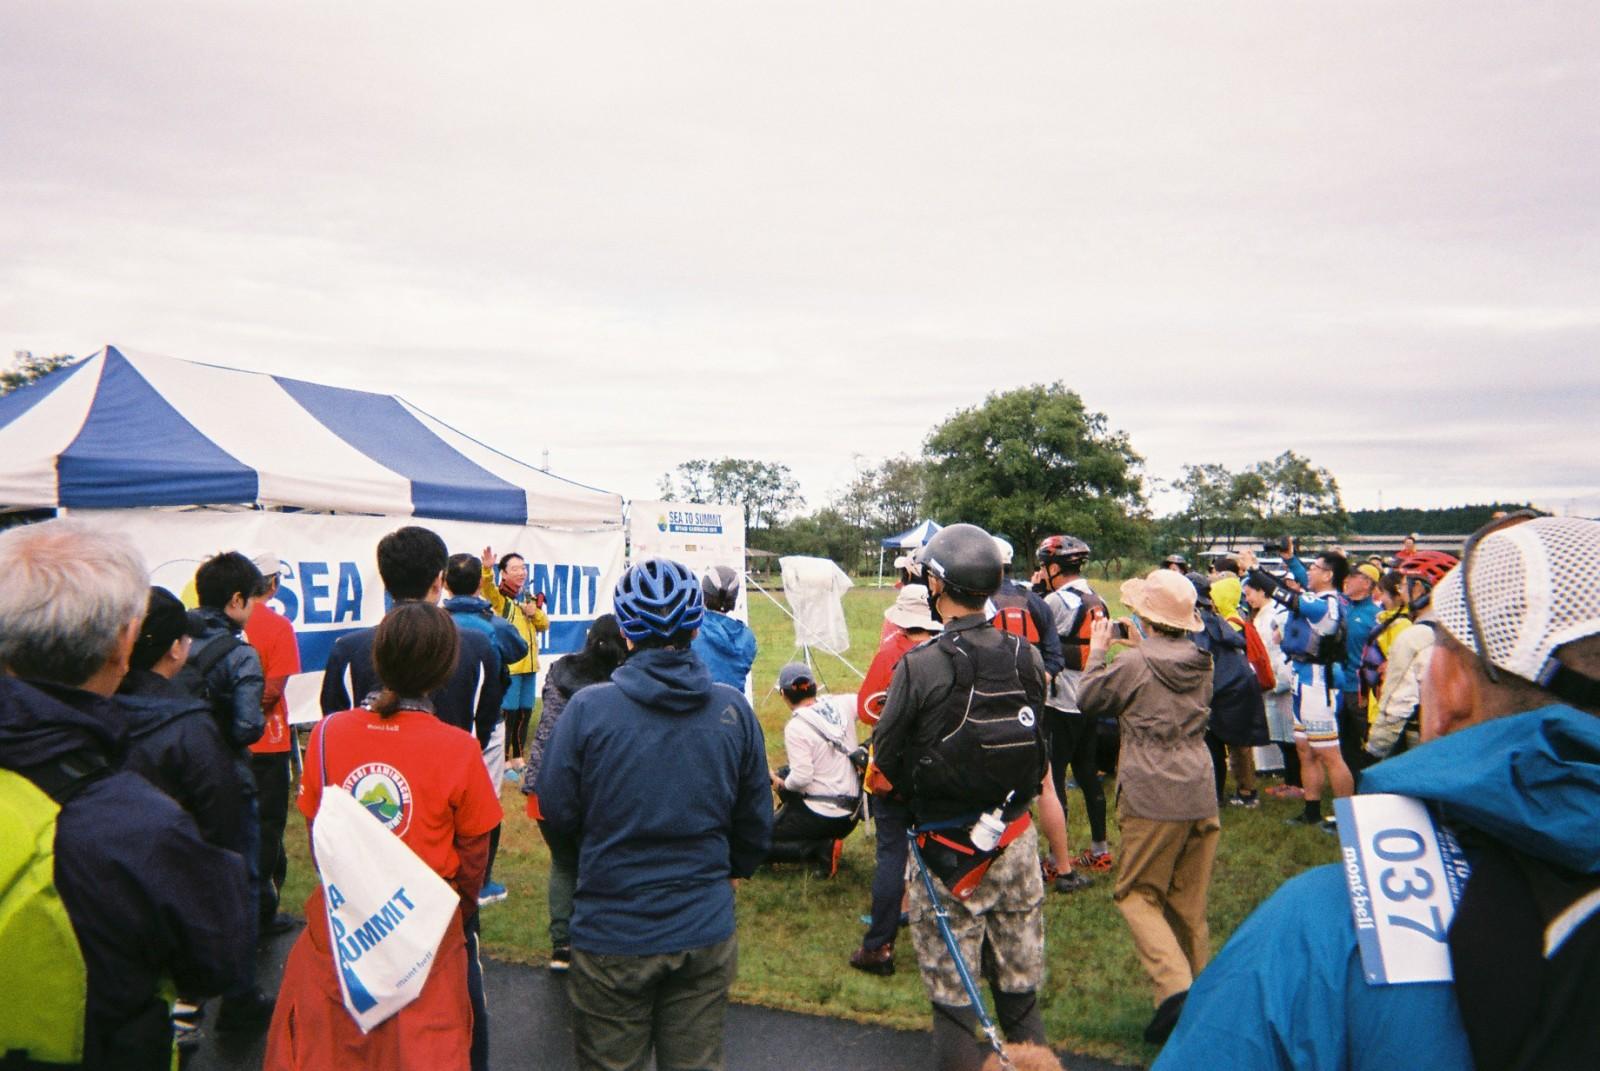 直前まで降っていた雨が晴れ、最高のスタートとなった開会式の様子。